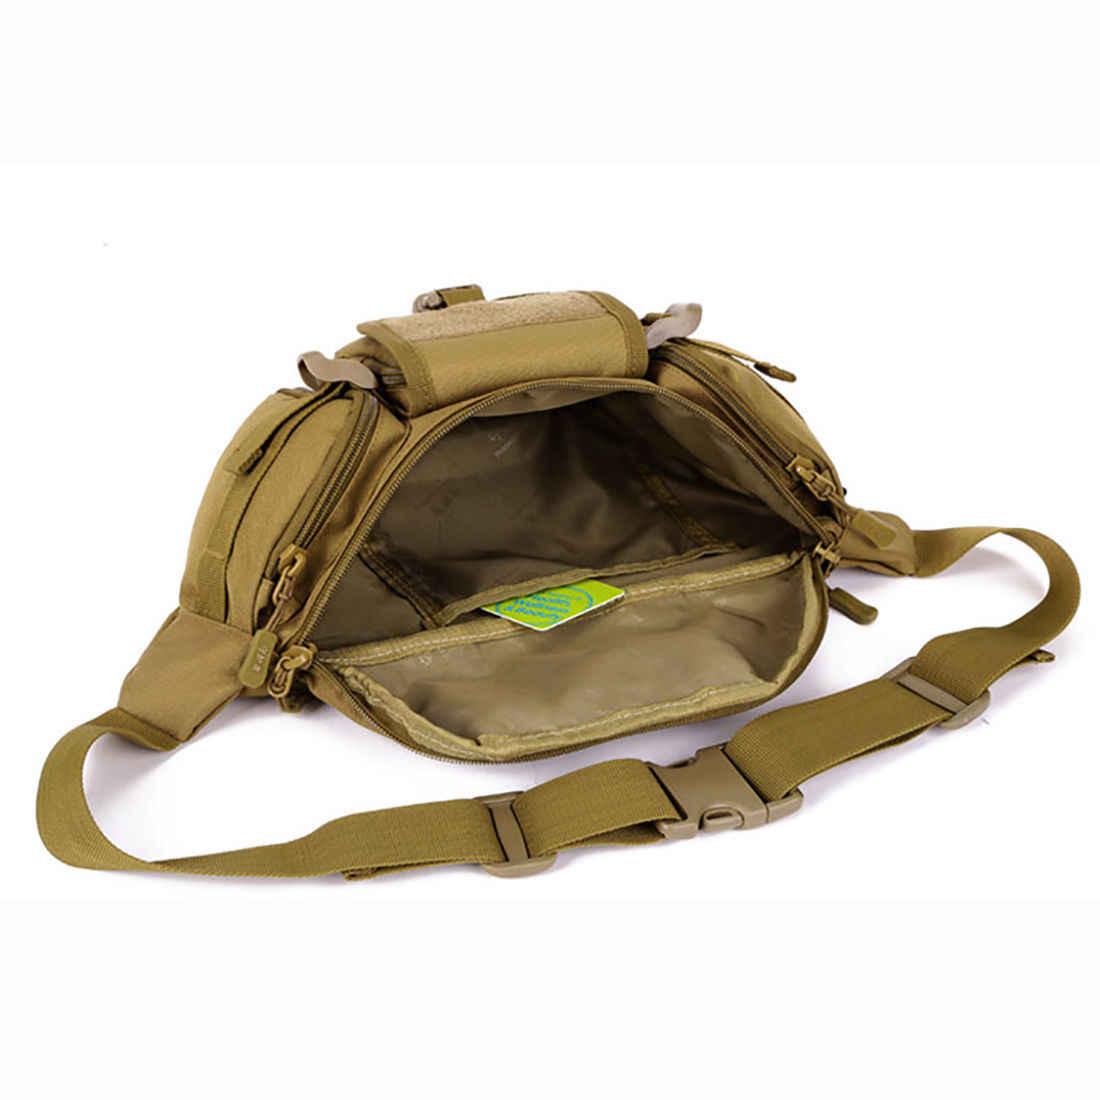 男性ナイロンウエストヒップボム戦術軍事ジム旅行ハイキングベルトバッグホットクール多機能屋外ラン男ウエストバッグ